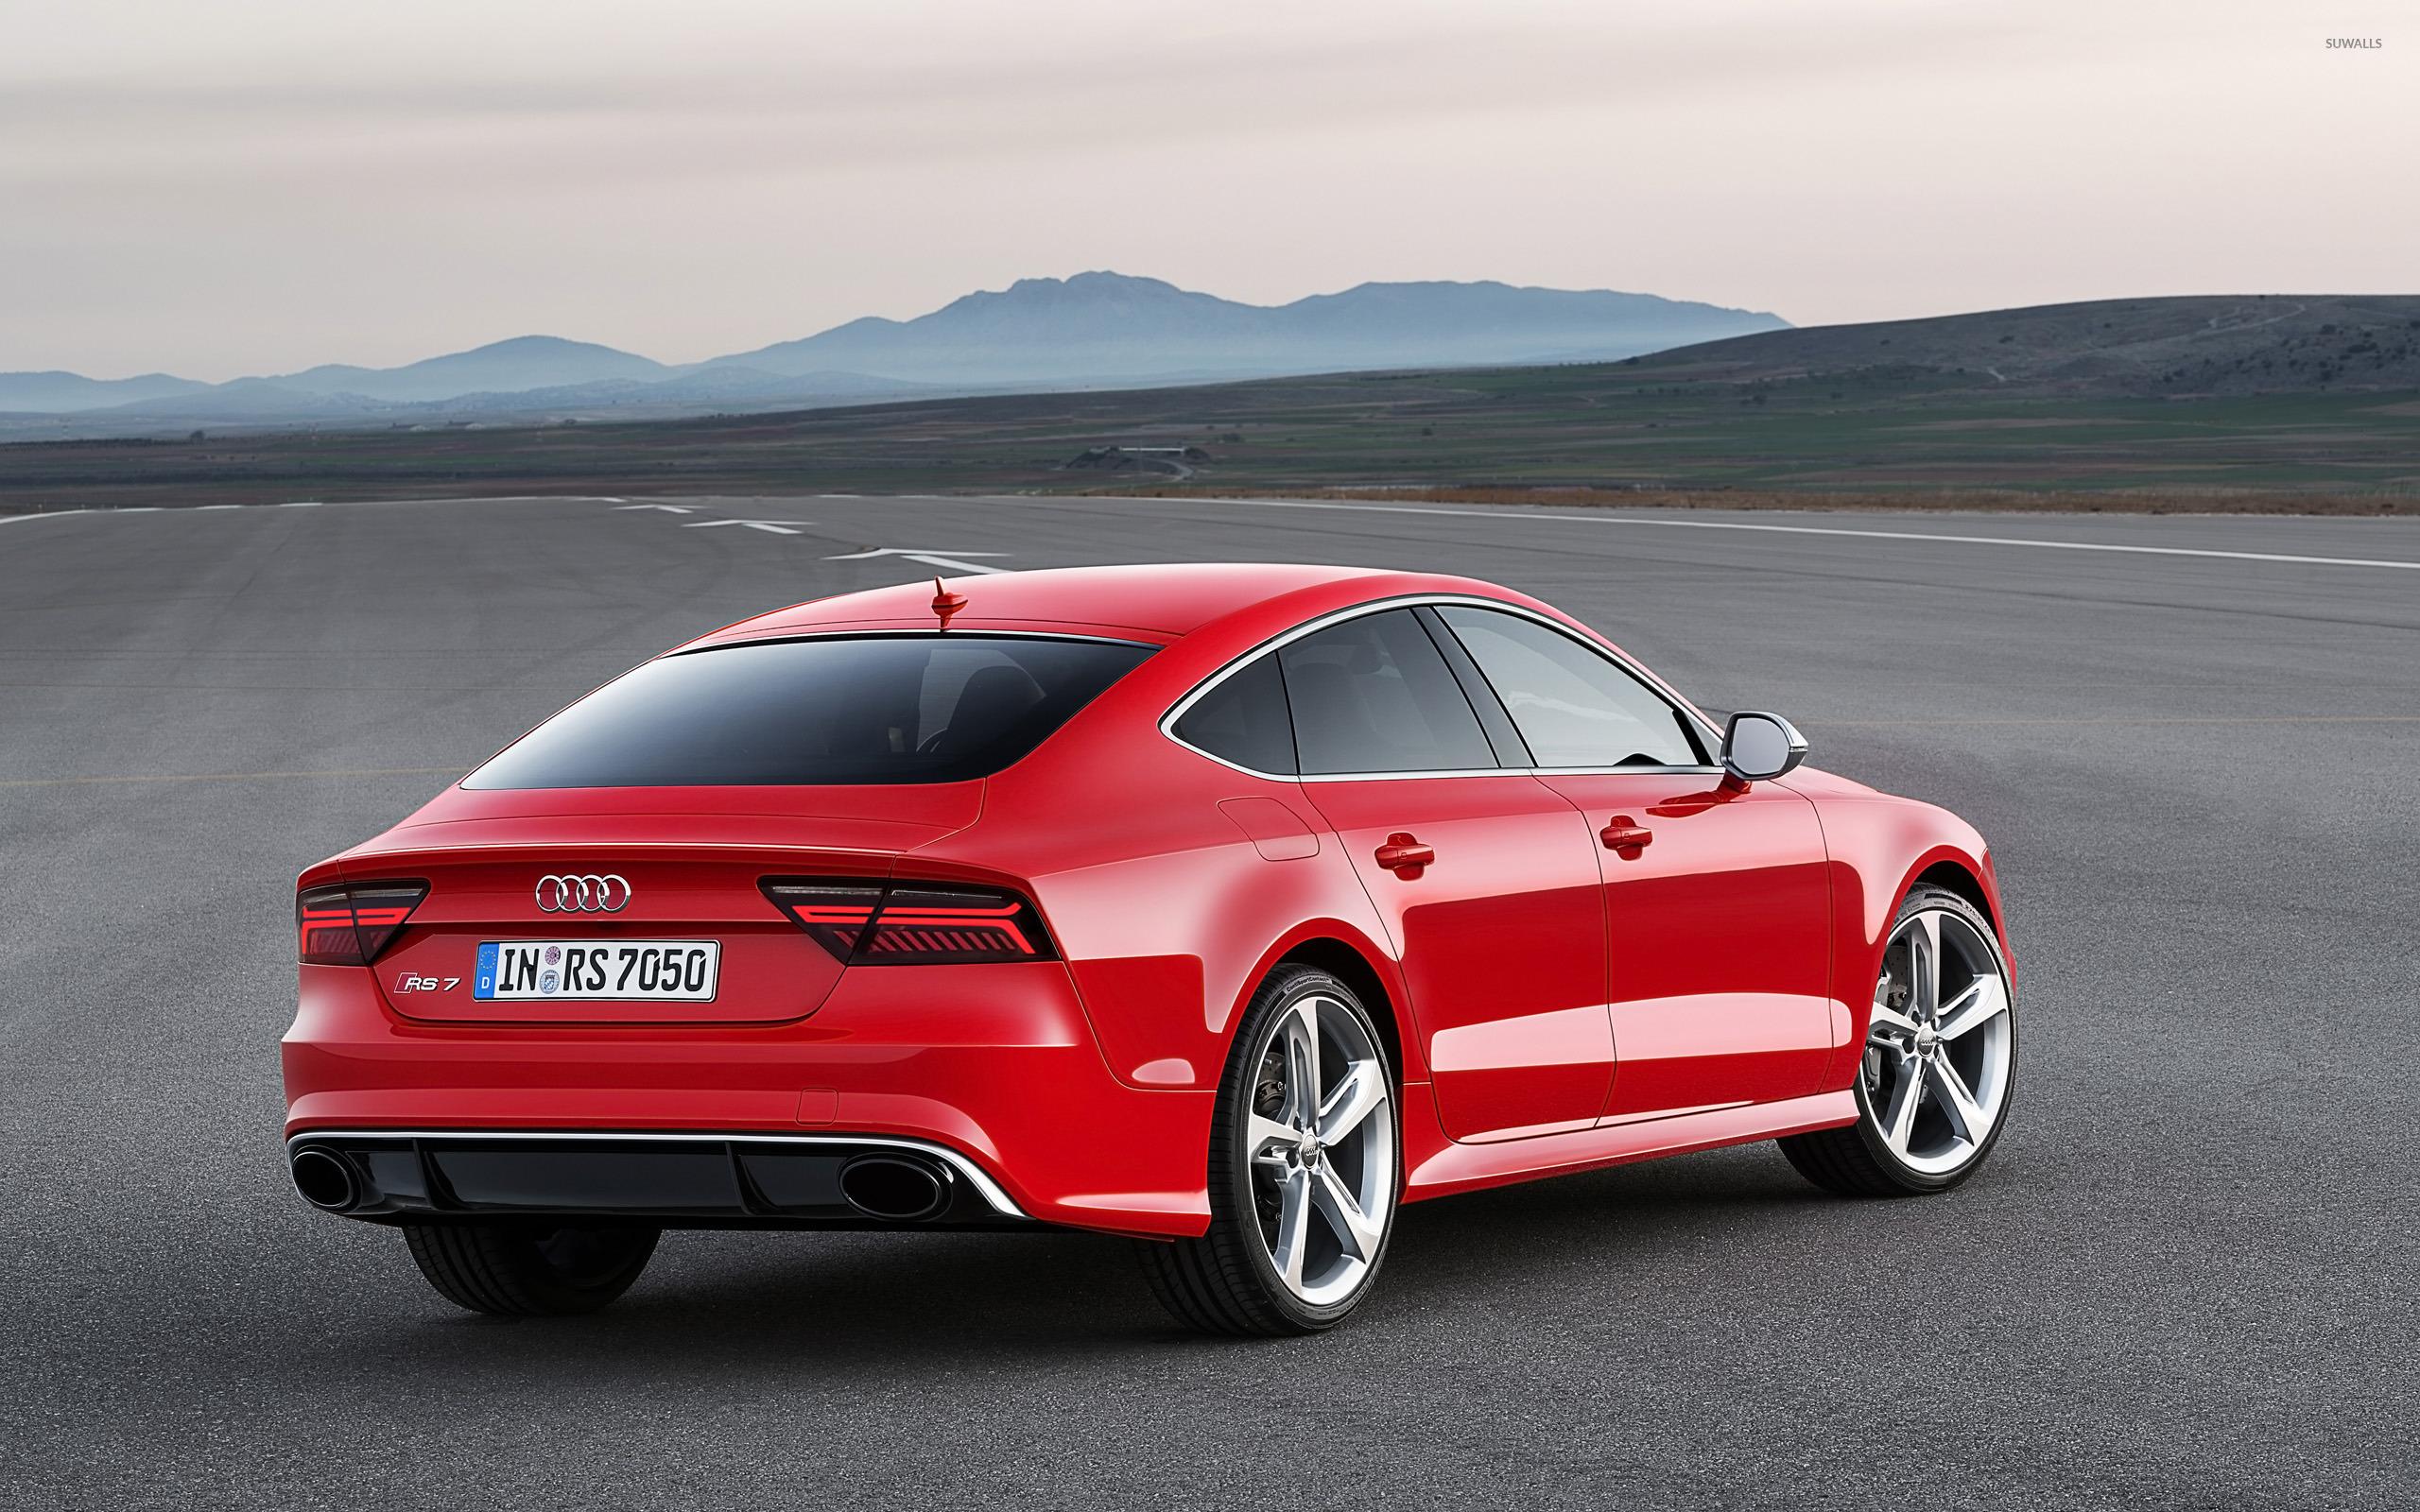 Audi Rs 7 3 Wallpaper Car Wallpapers 41280